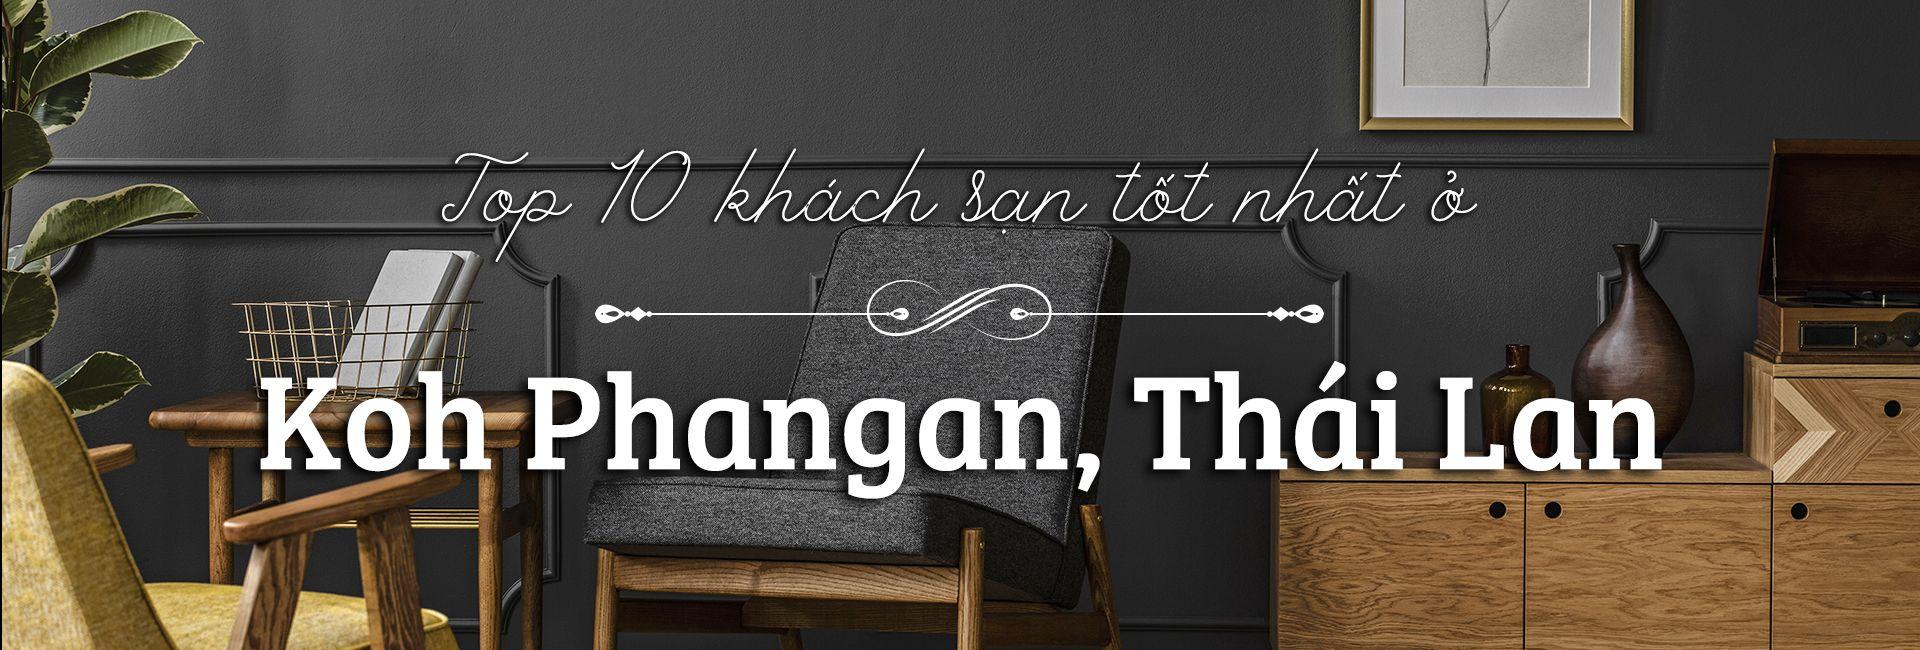 Top 10 khách sạn tốt nhất ở Koh Phangan, Thái Lan